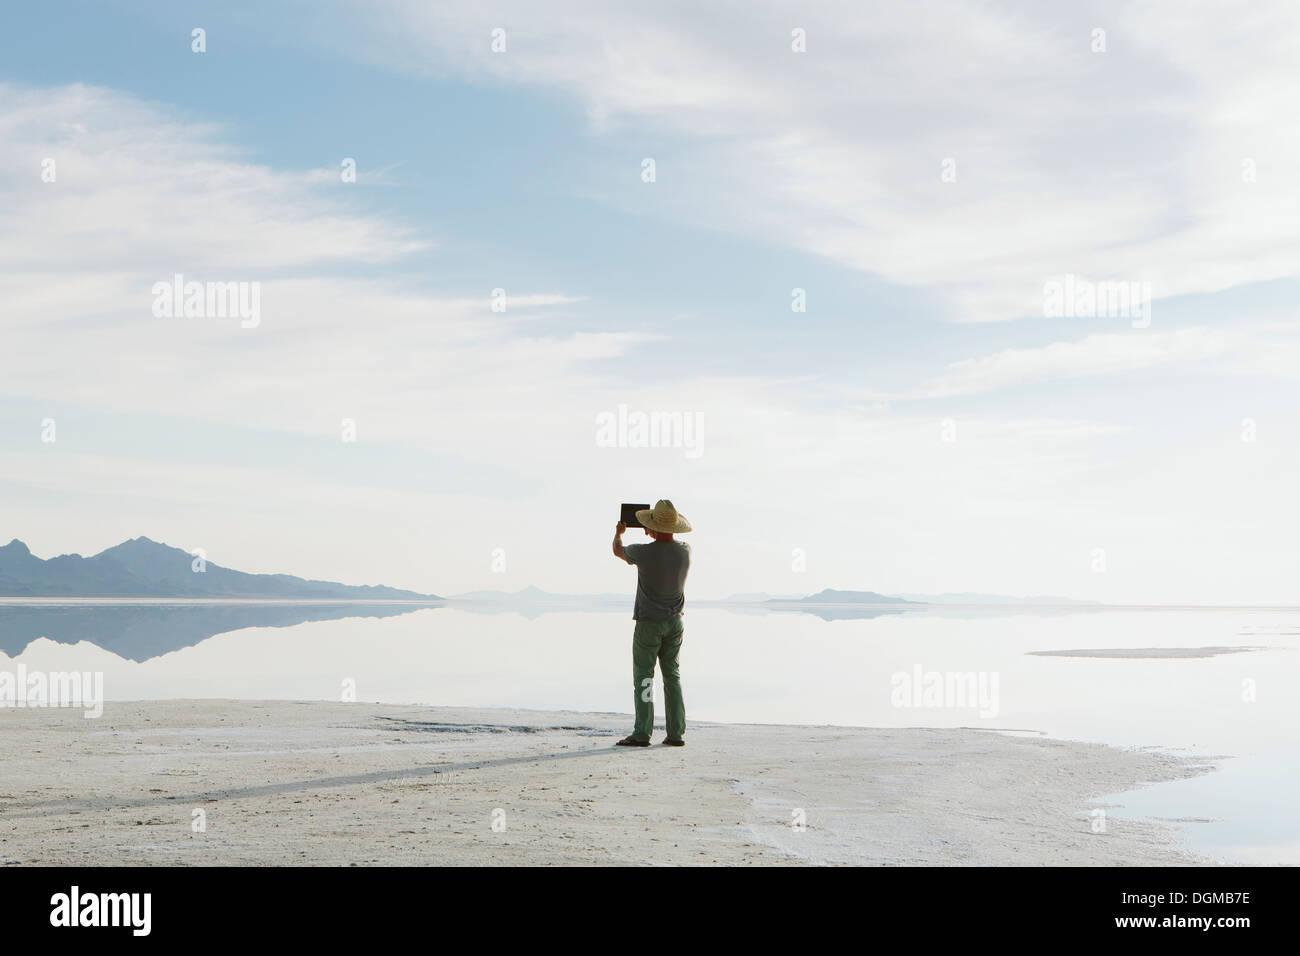 Un hombre de pie en el borde de las salinas de Bonneville inundado al atardecer, tomar una fotografía con un dispositivo tablet. Imagen De Stock